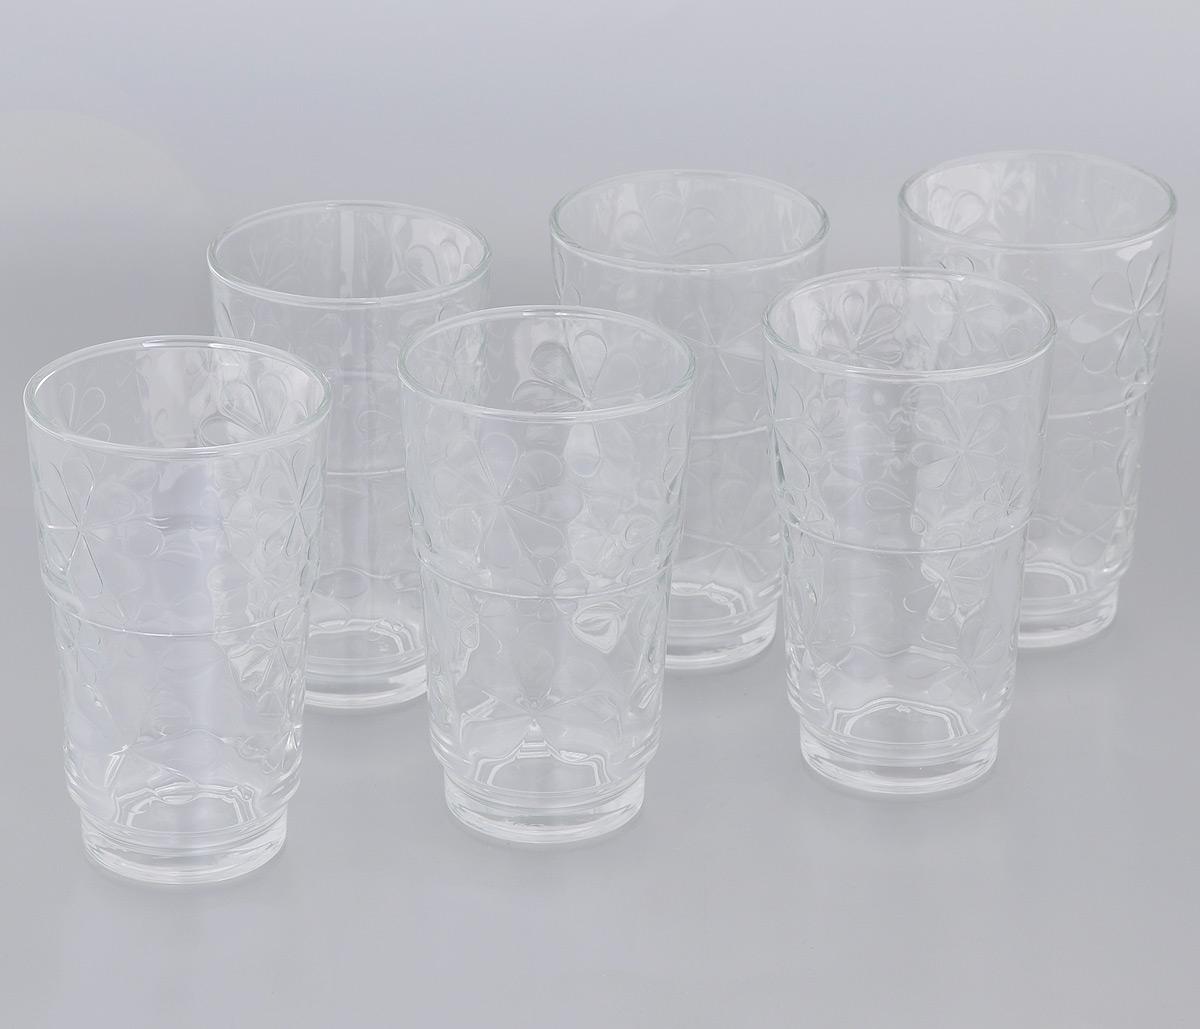 Набор стаканов Luminarc Funny Flowers, 270 мл, 6 штJ1137Набор Luminarc Funny Flowers состоит из 6 стаканов, выполненных из стекла. Они отличаются особой легкостью и прочностью, излучают приятный блеск и издают мелодичный хрустальный звон. Стаканы станут идеальным украшением праздничного стола и отличным подарком к любому празднику. Можно мыть в посудомоечной машине. Диаметр стакана (по верхнему краю): 7,2 см. Высота: 12 см.